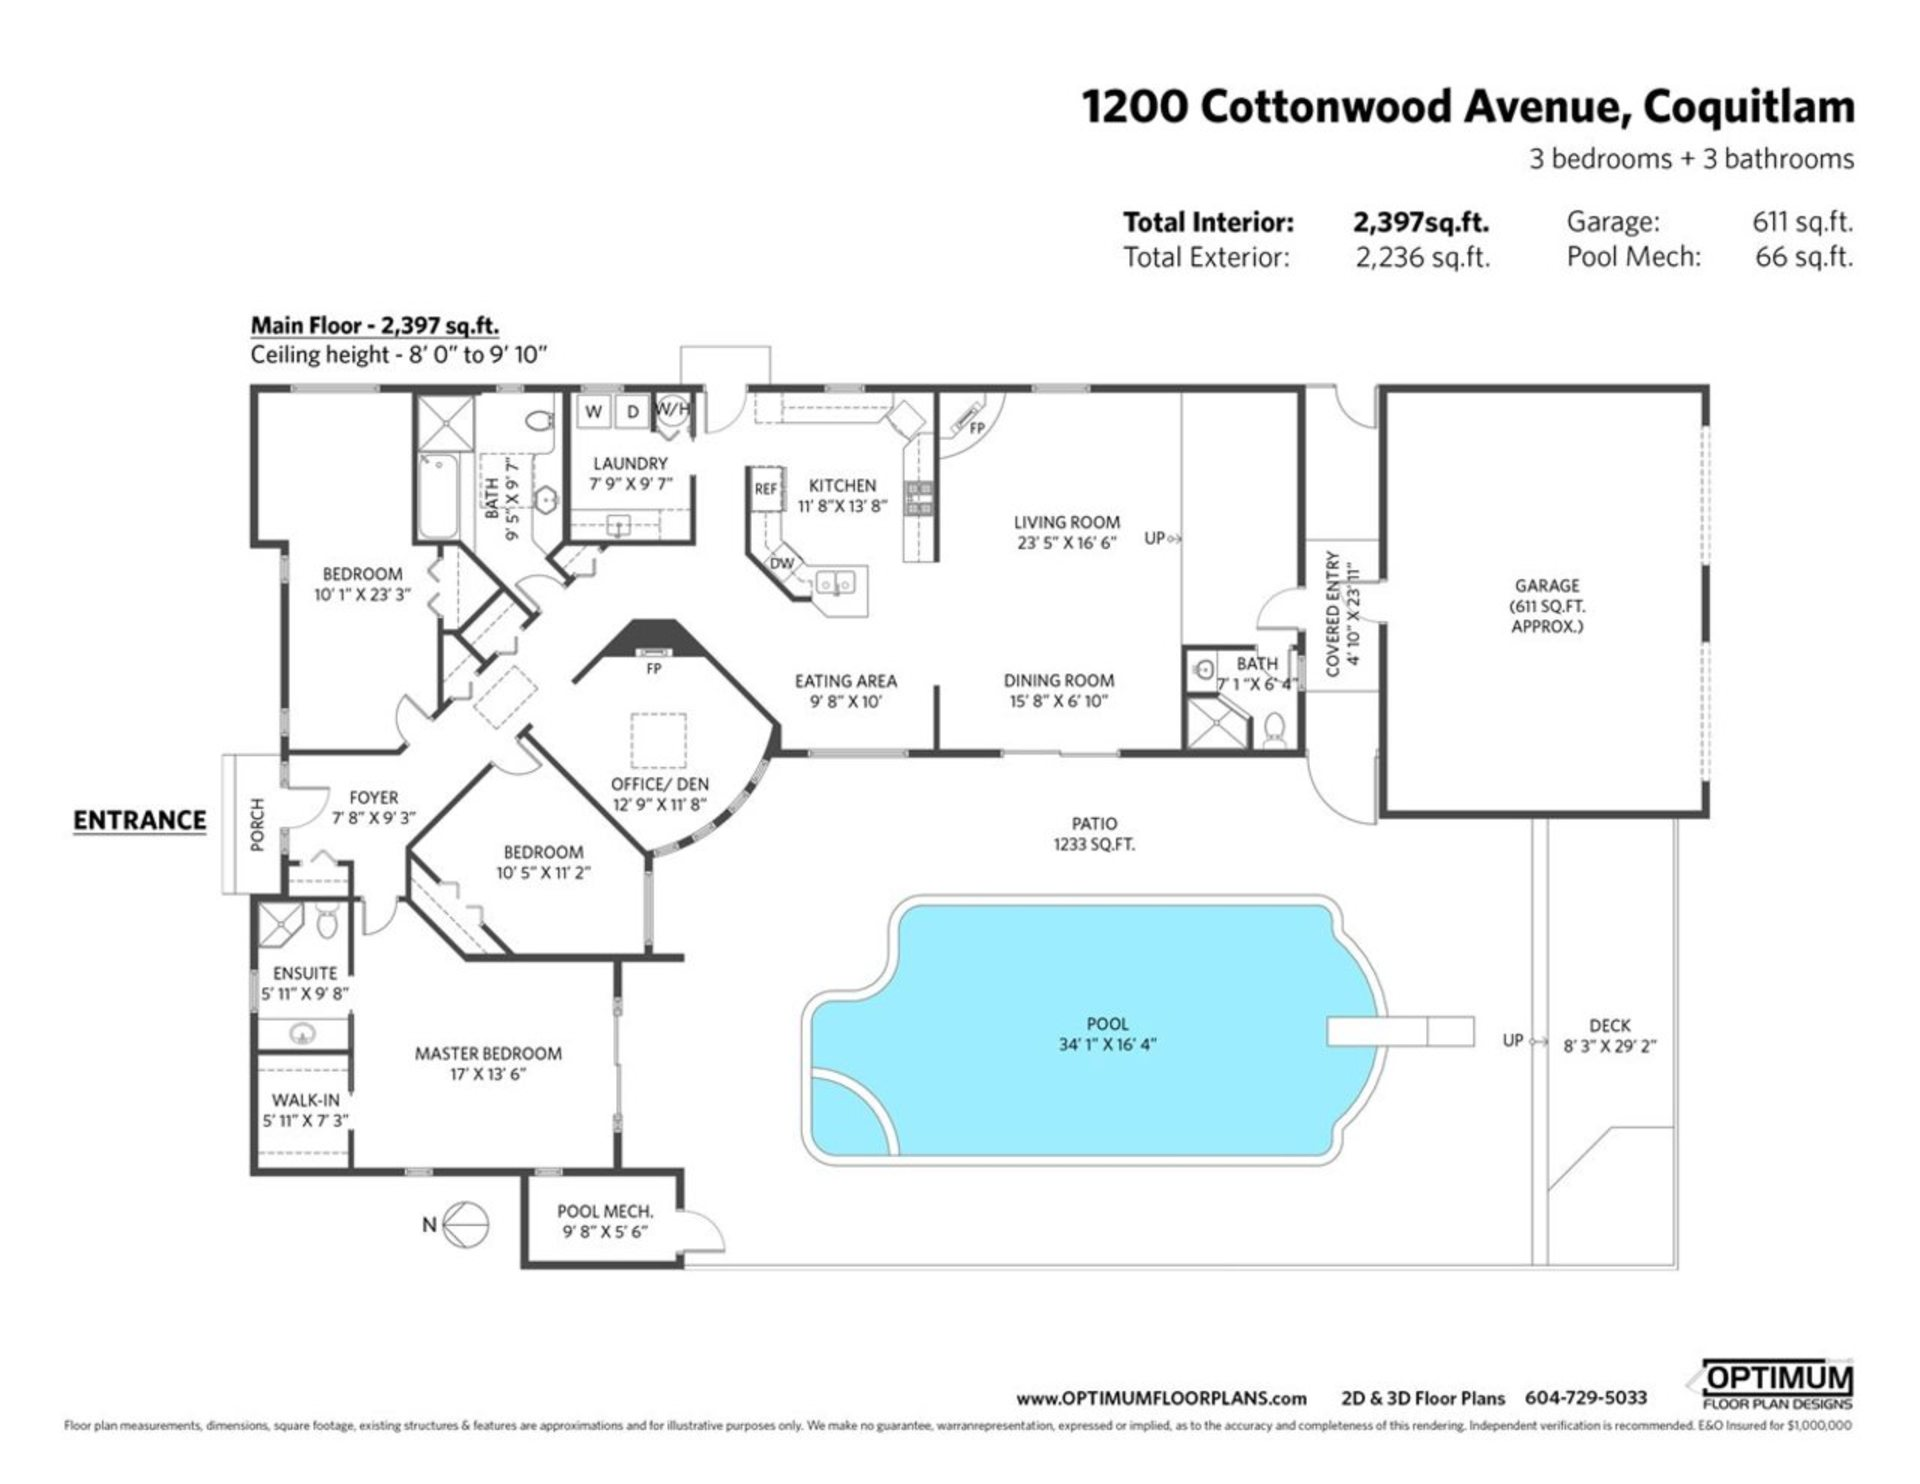 1200-cottonwood-avenue-central-coquitlam-coquitlam-20 at 1200 Cottonwood Avenue, Central Coquitlam, Coquitlam